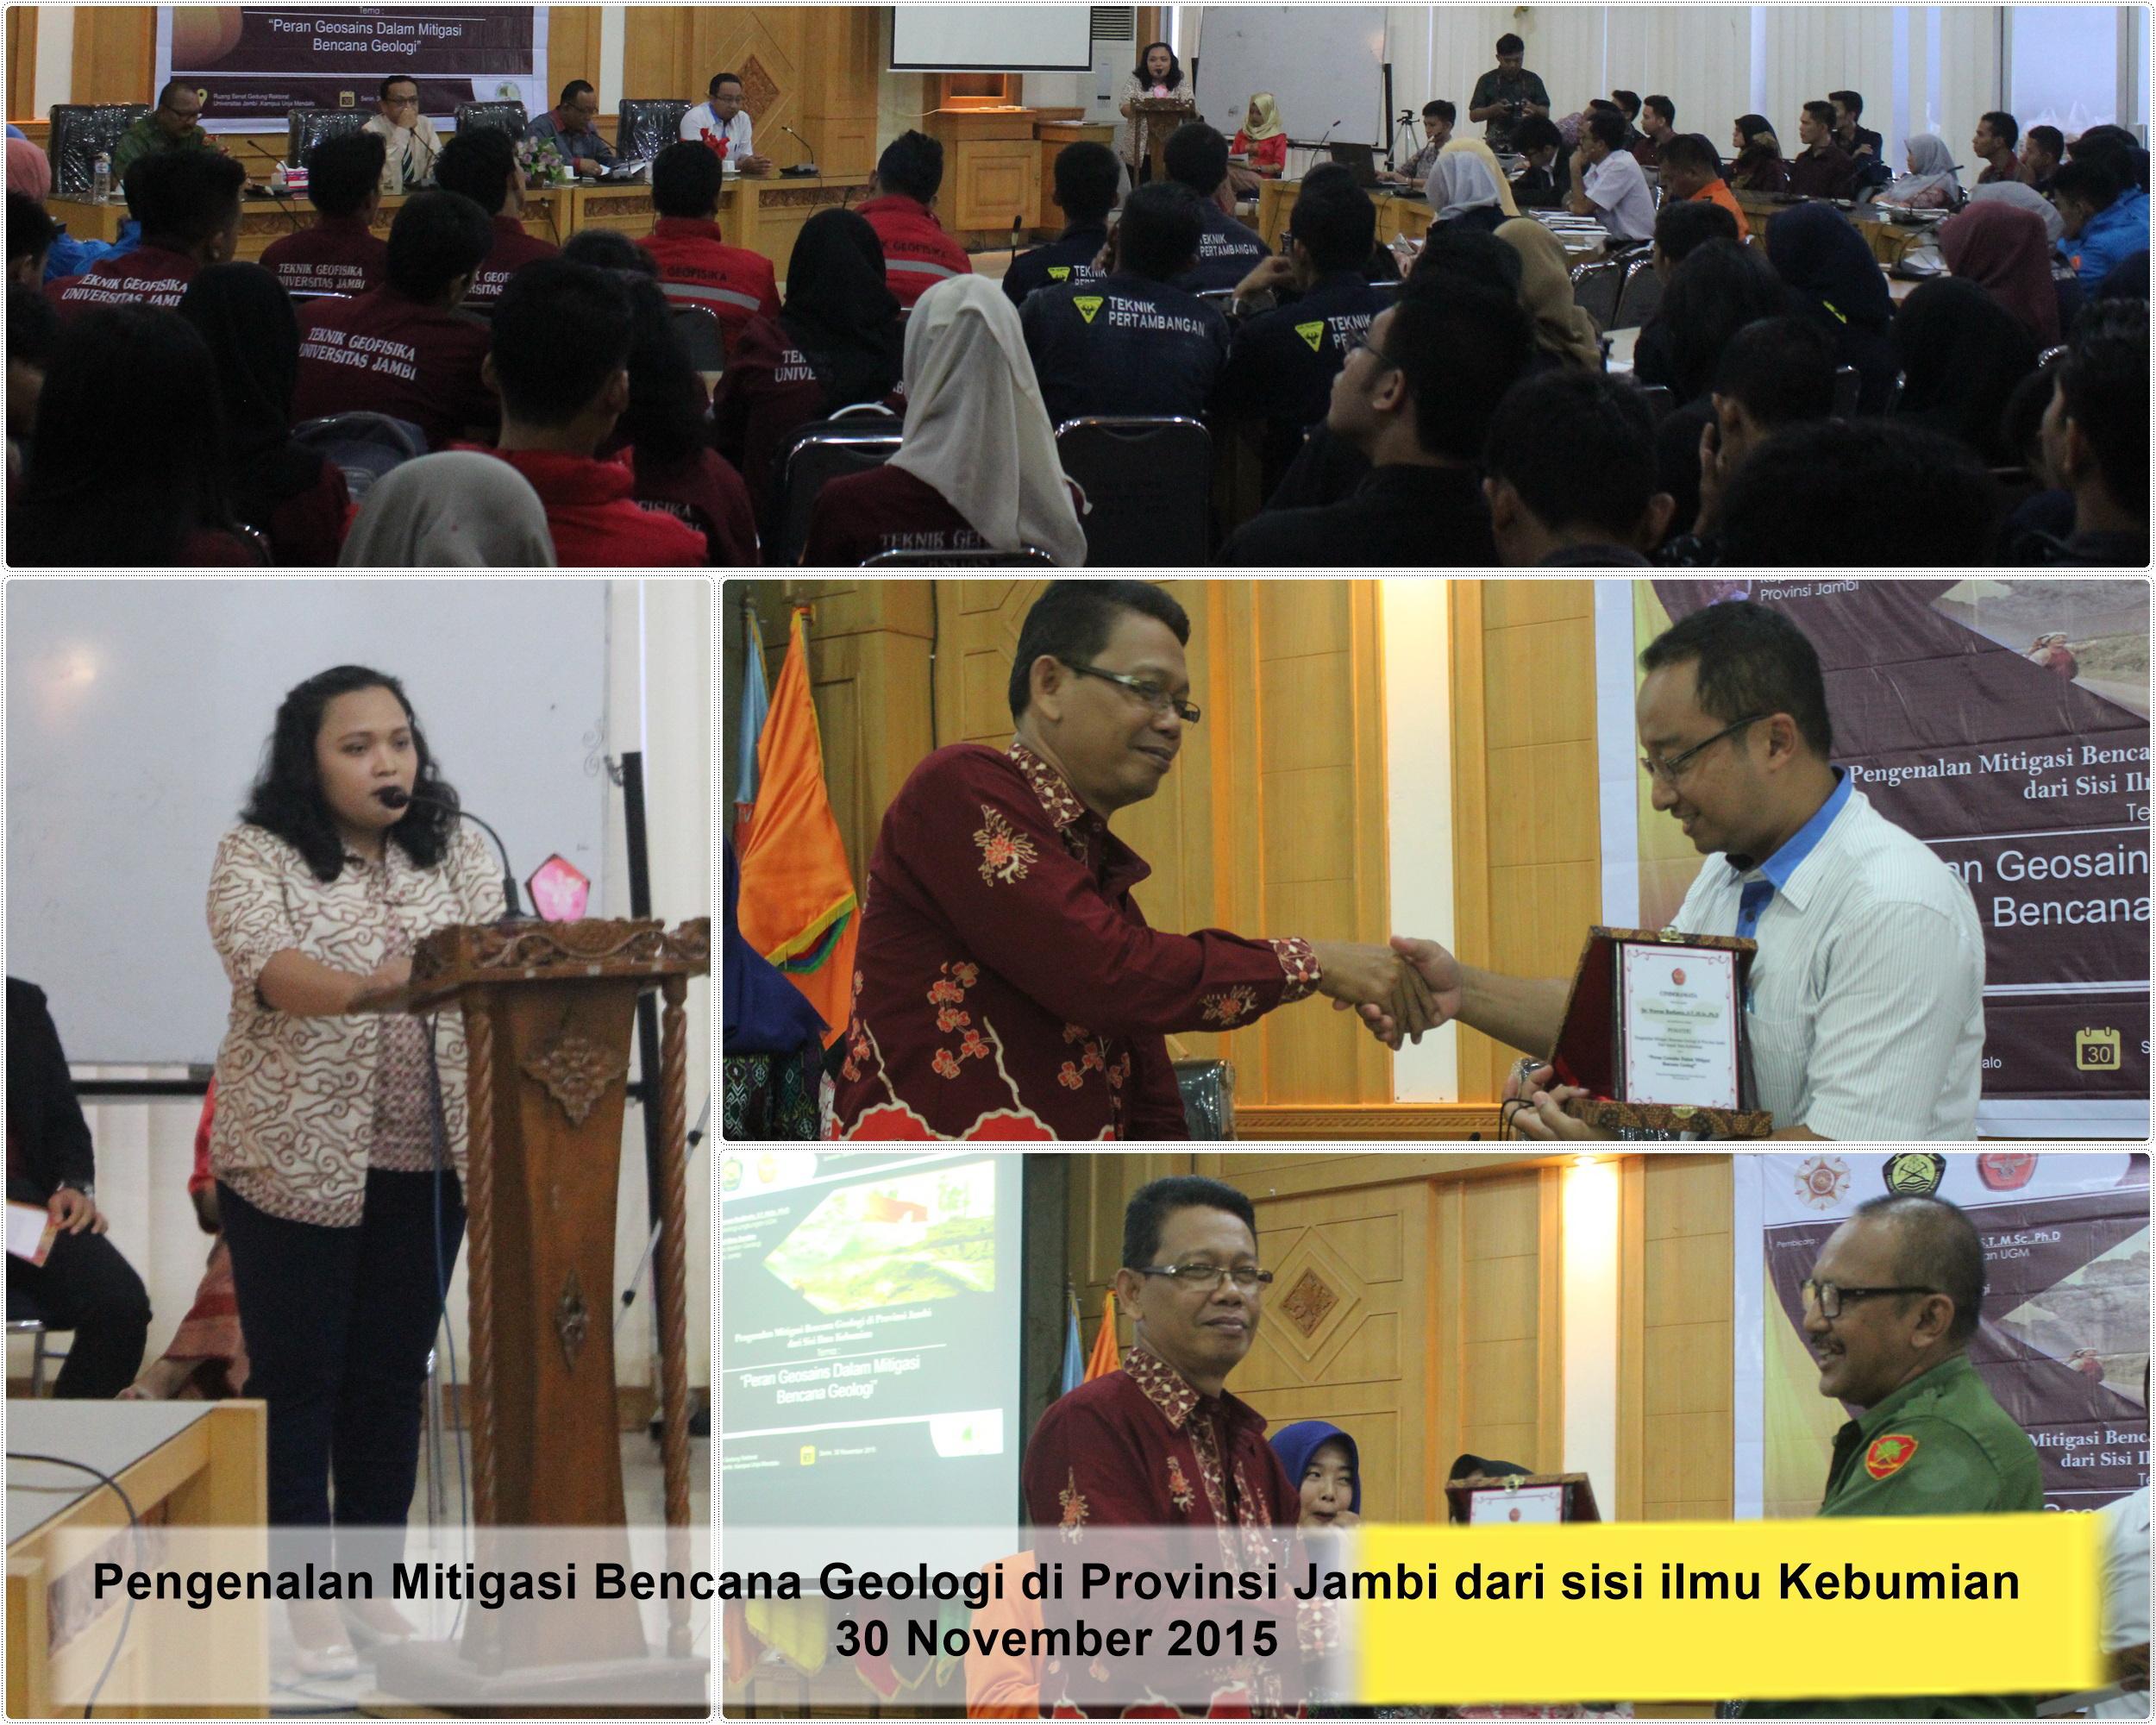 Seminar Mitigasi Bencana Fakultas Sains dan Teknologi Universitas Jambi